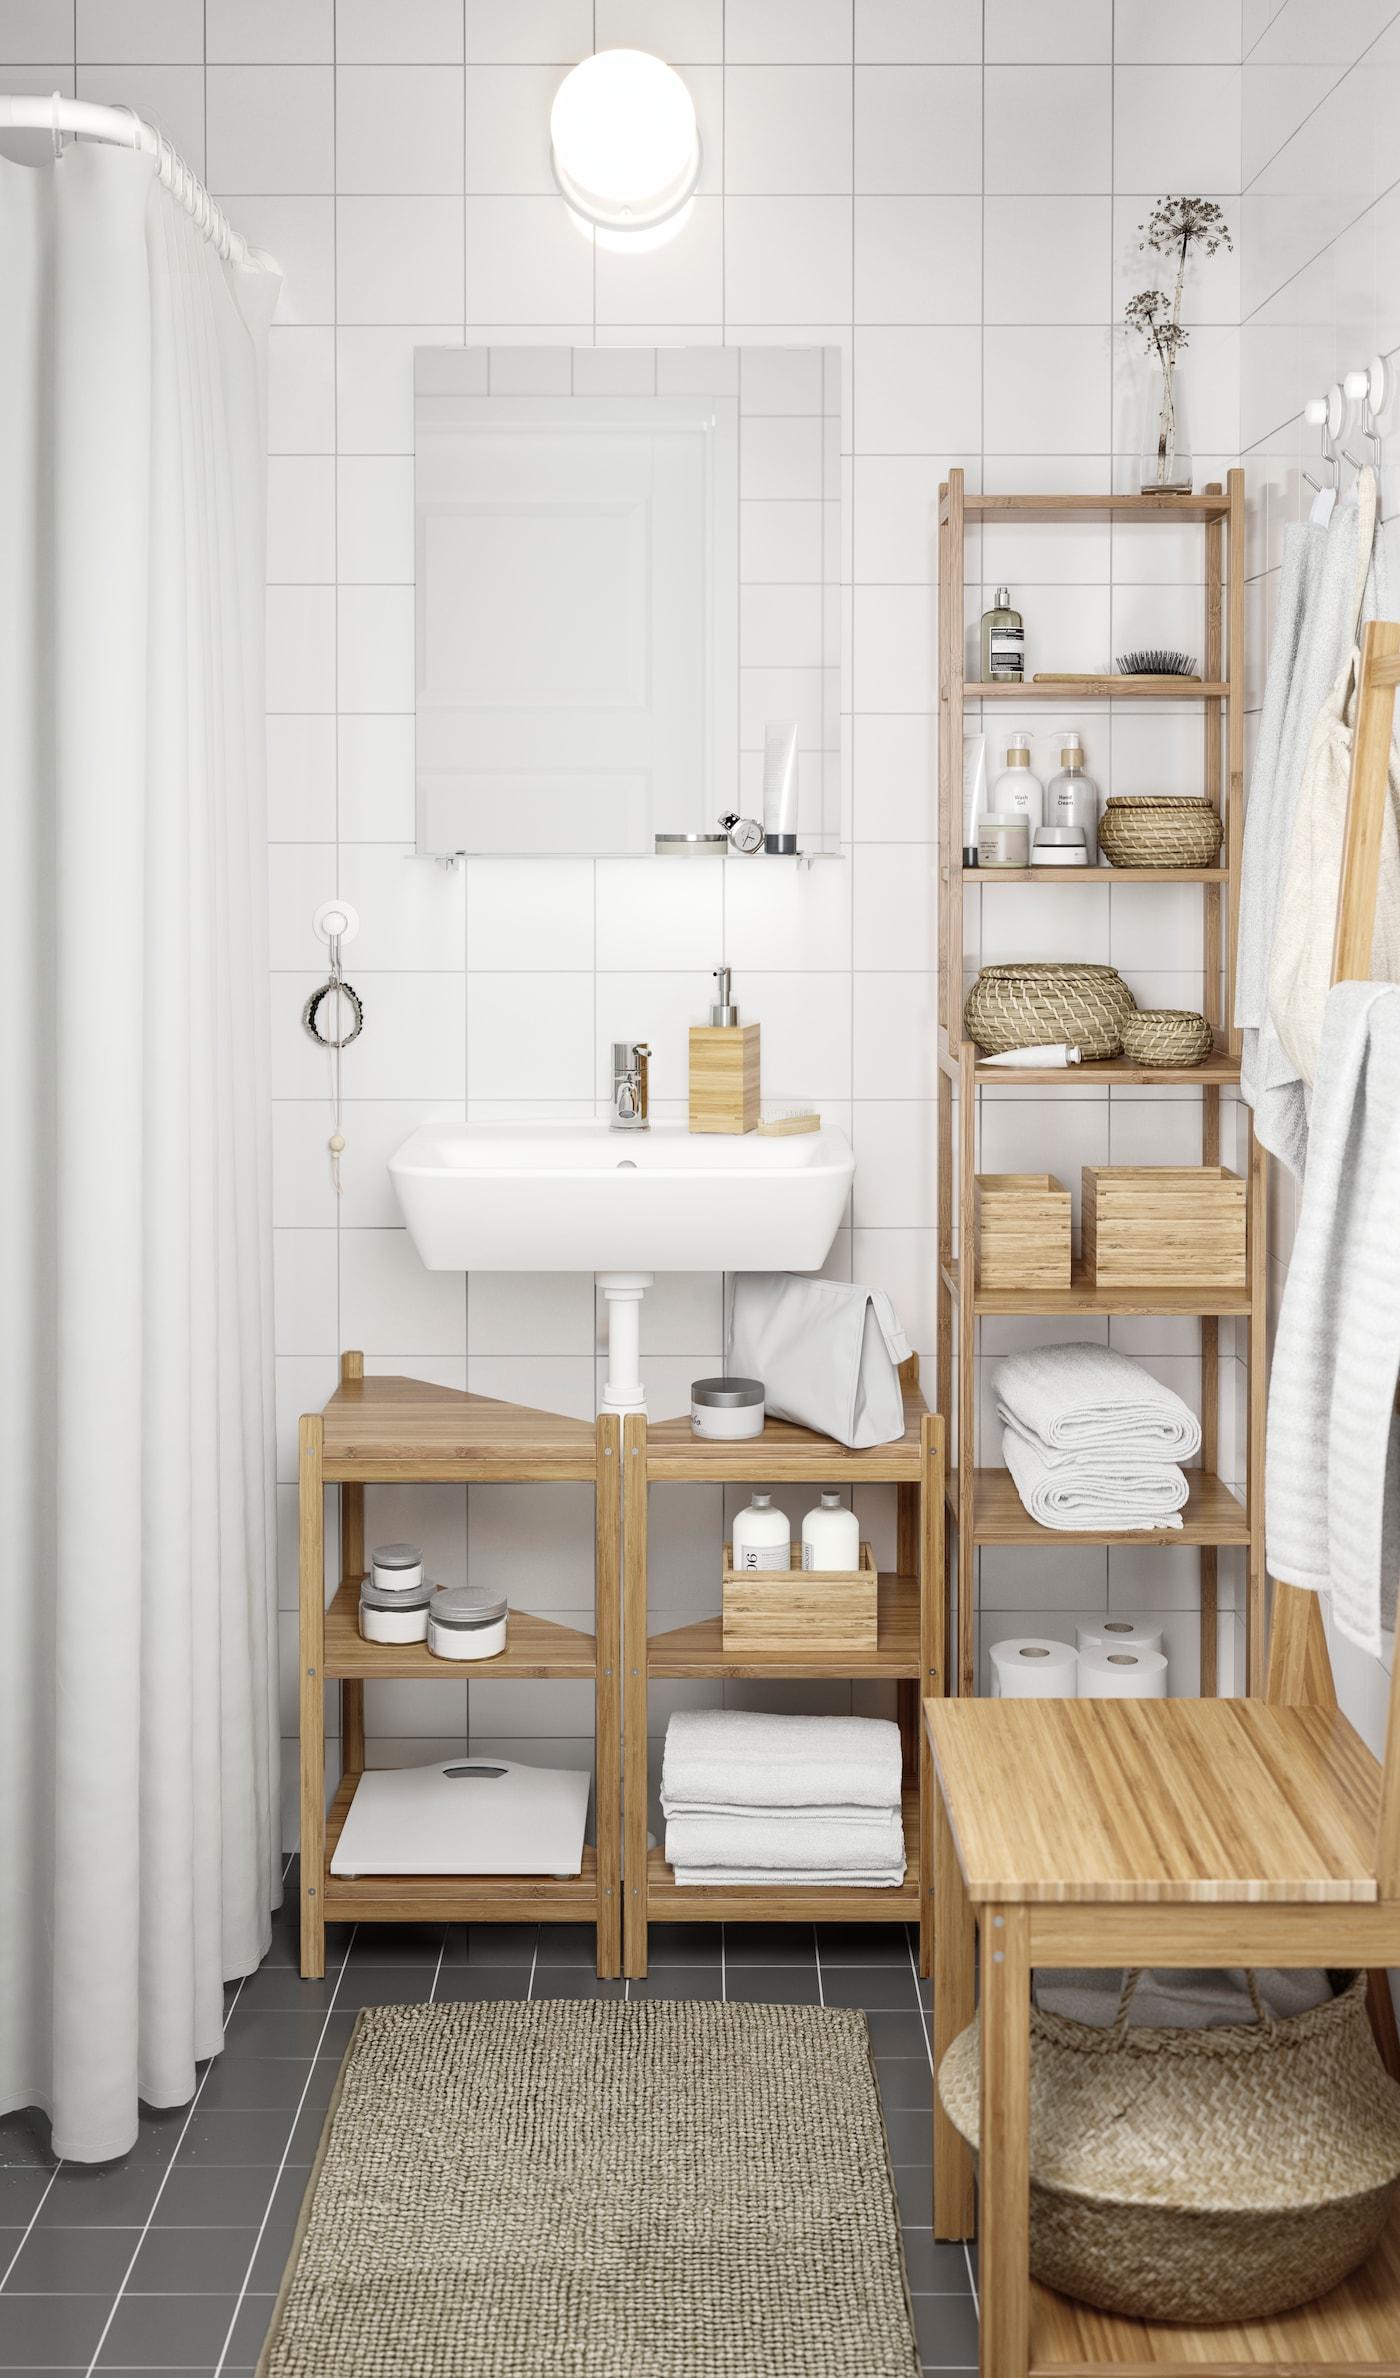 decoracion baños pequeños ikea